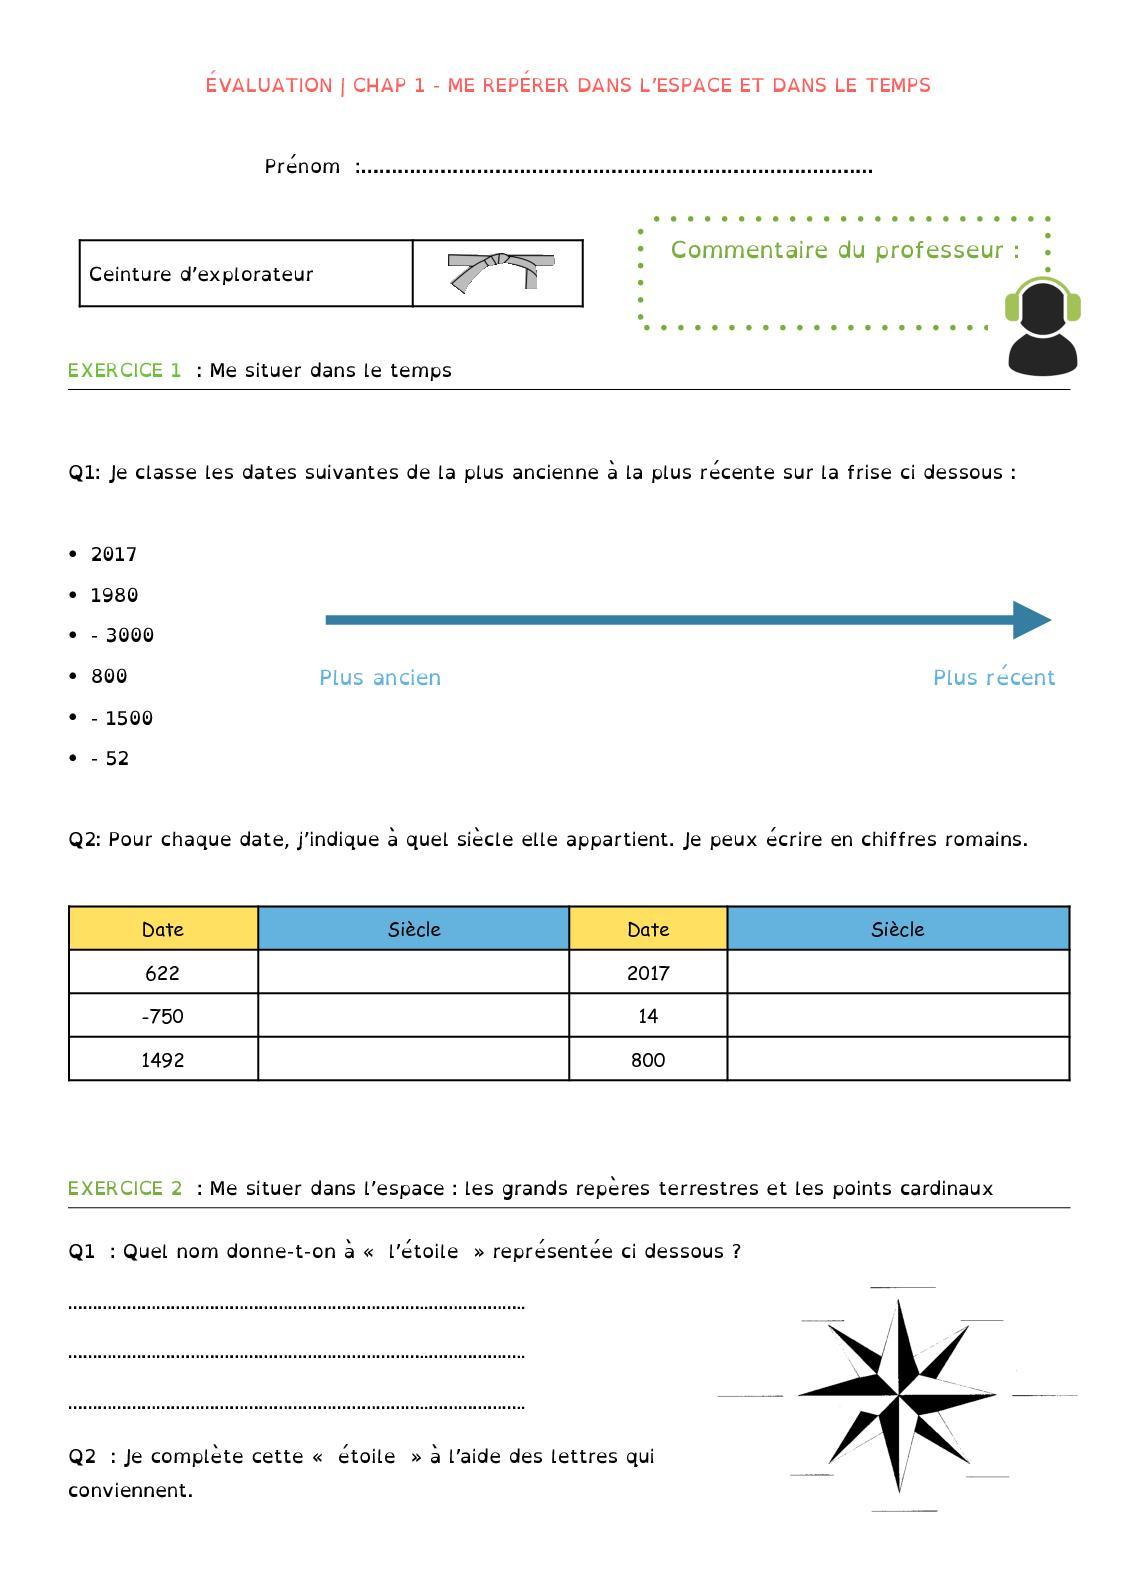 Calaméo - 6Ème - Chapitre 1 - Evaluation tout Exercice Chiffre Romain